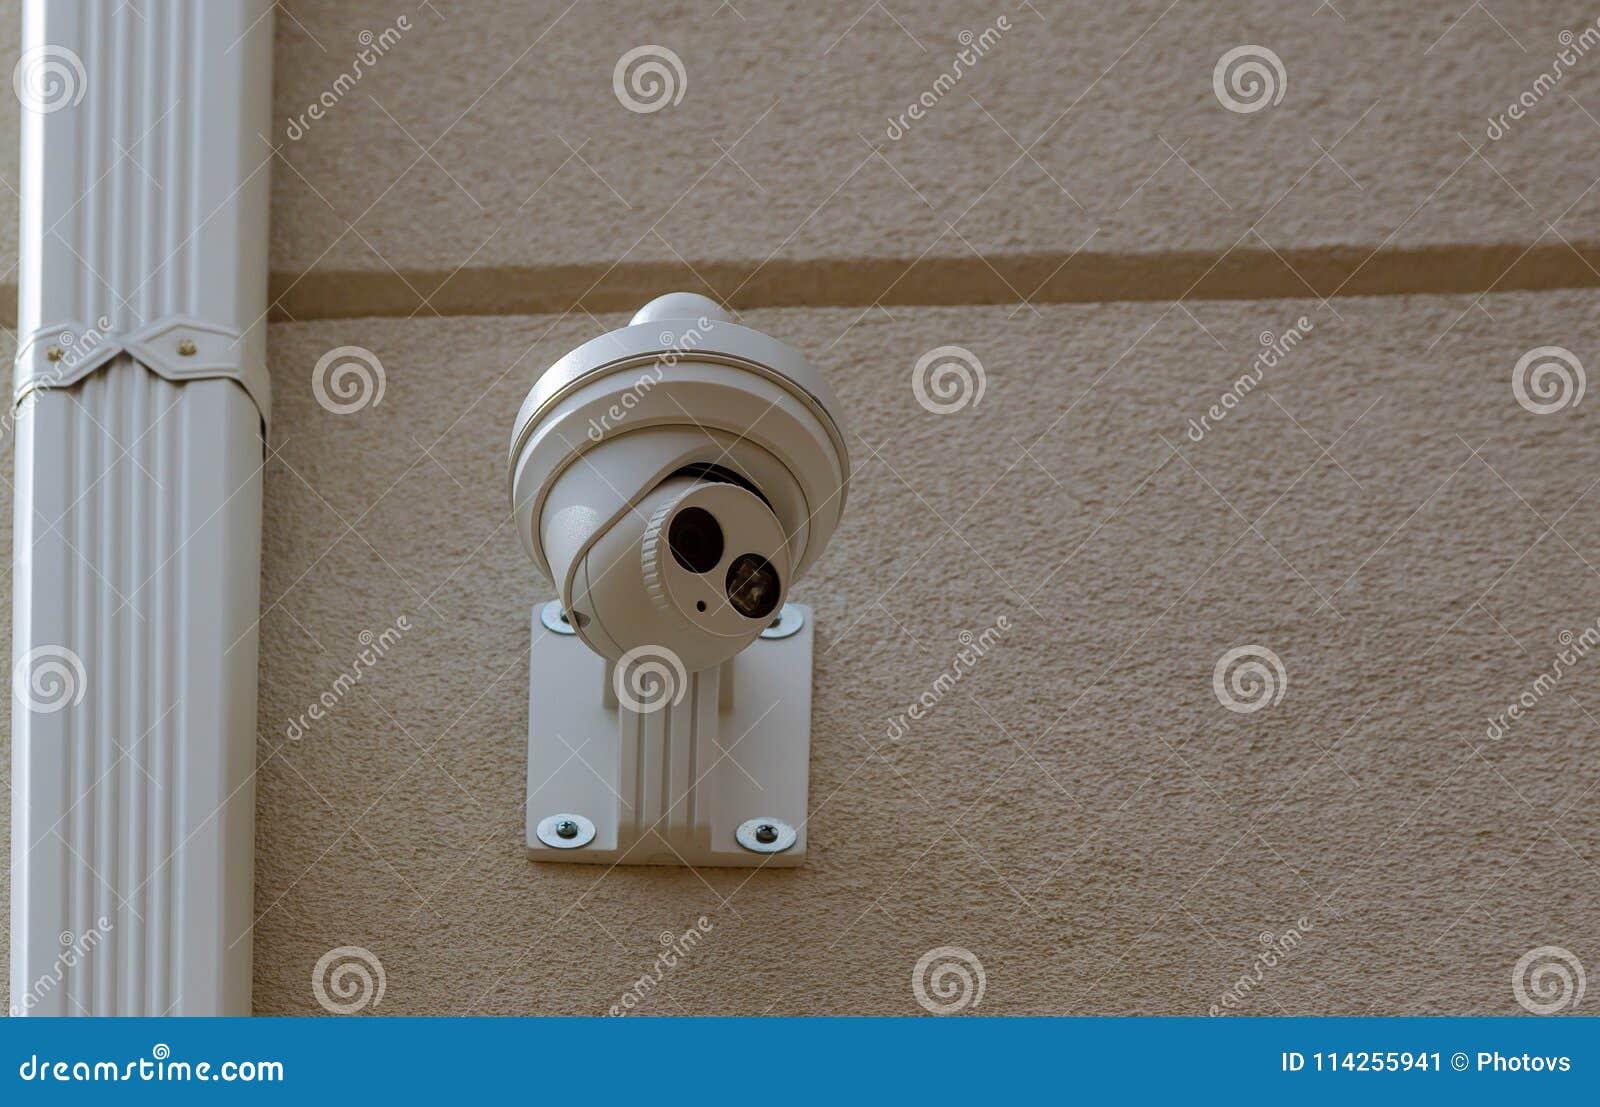 Skydd för privat egenskap för säkerhetskamera